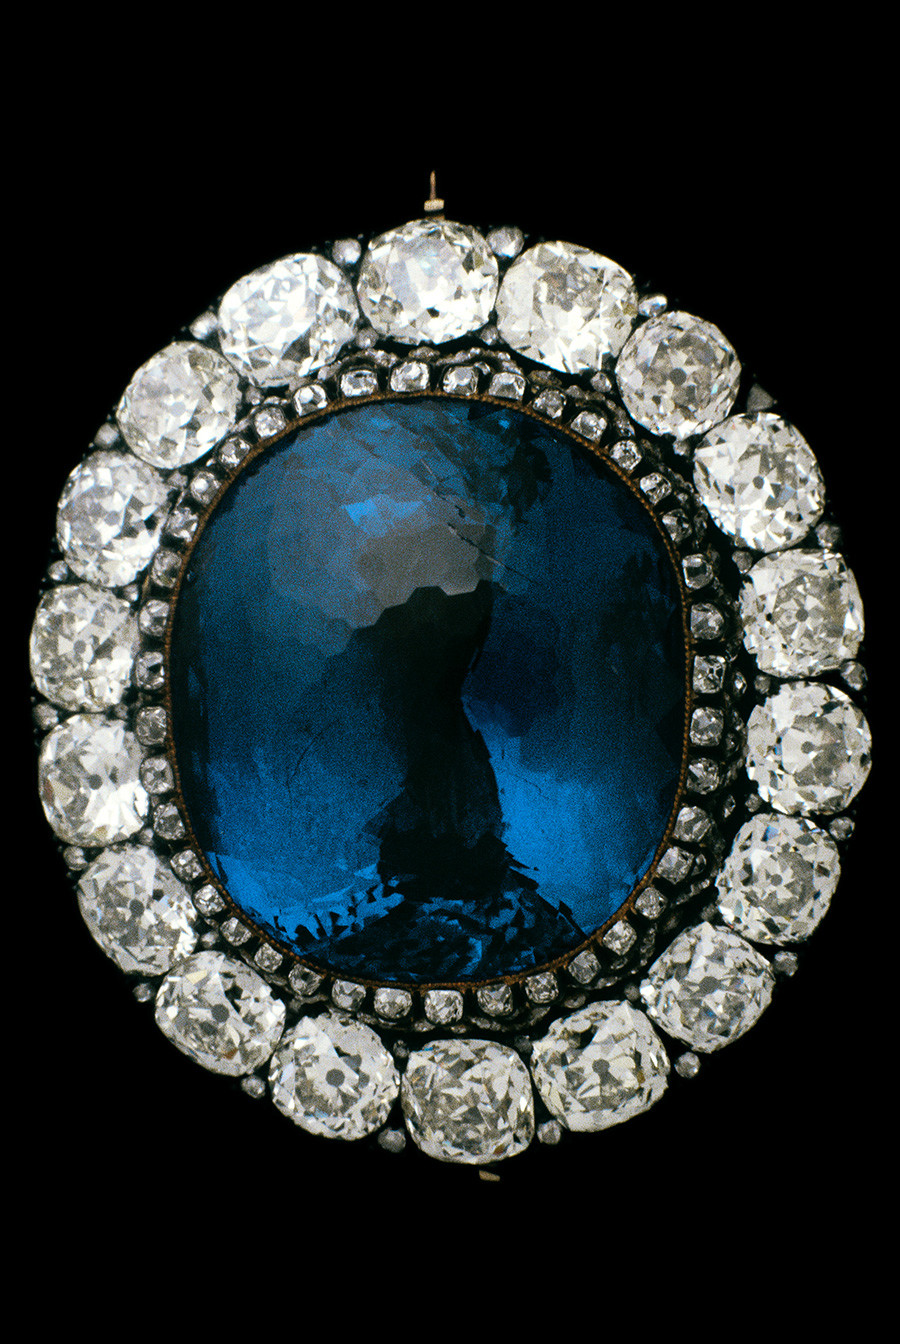 Васильково-синий сапфир из Шри-Ланки – один из семи всемирно известных исторических камней, хранится в Алмазном фонде России.